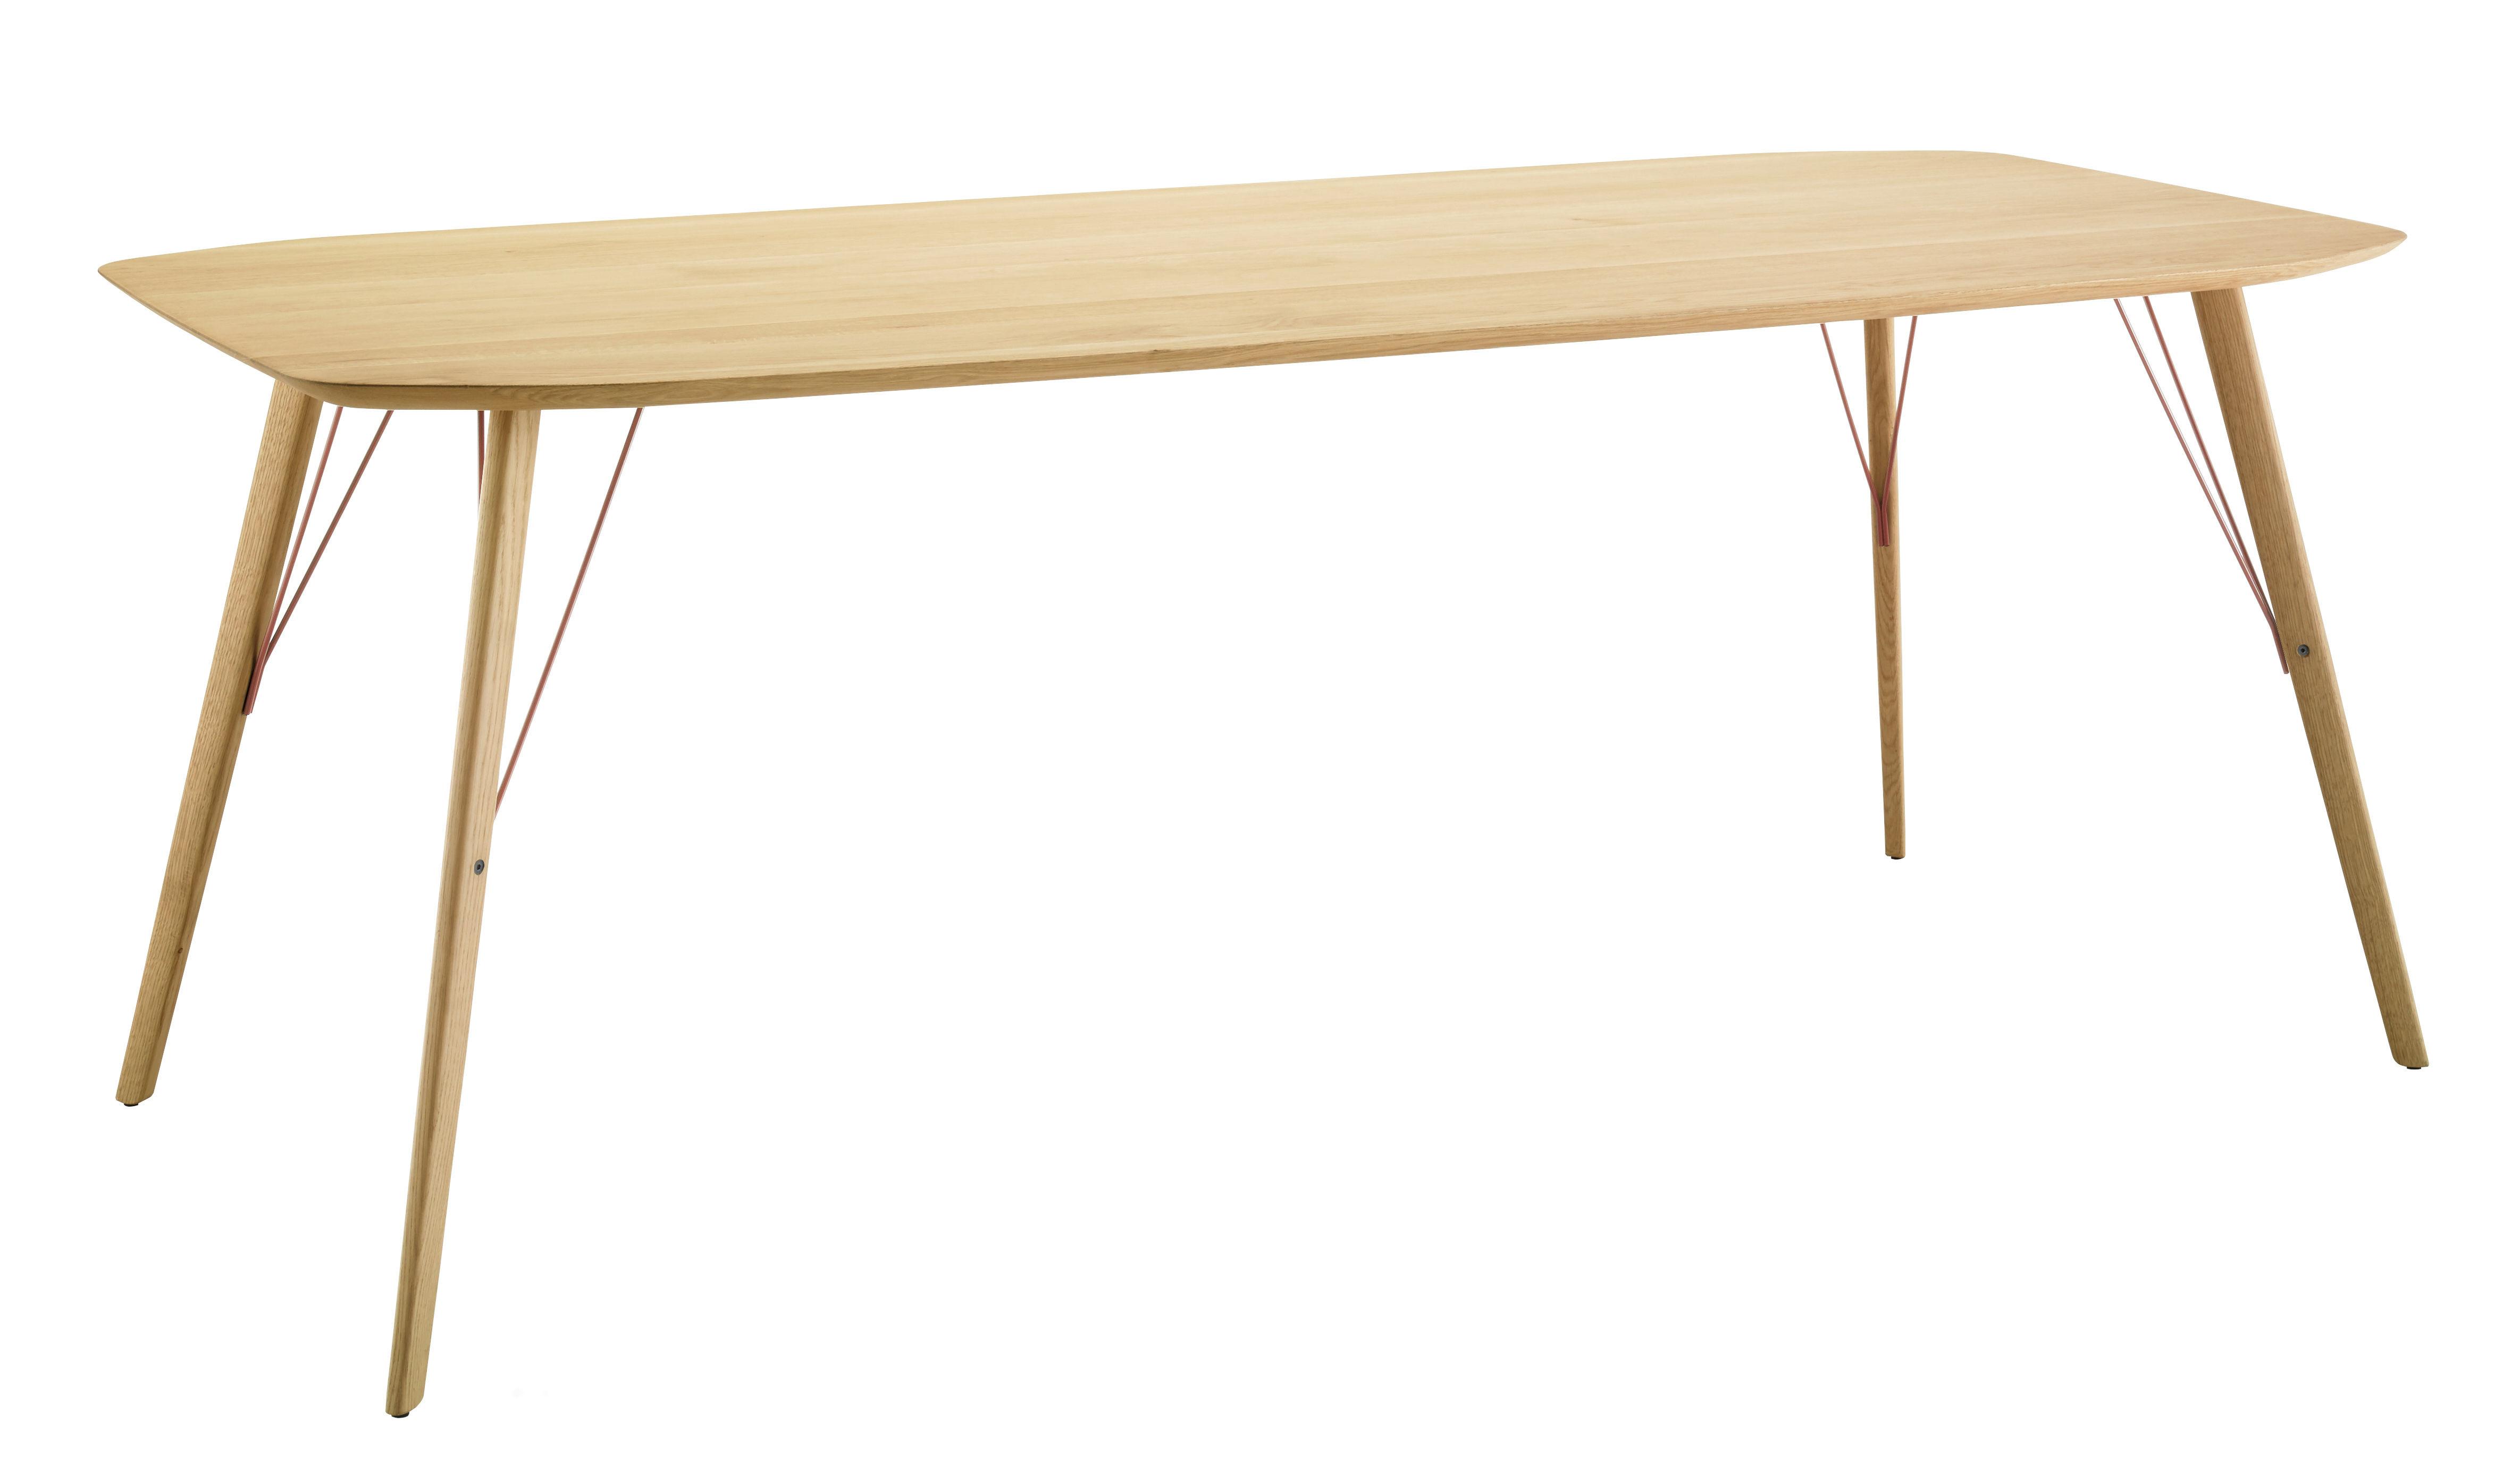 Arredamento - Tavoli - Tavolo Santiago / 90 x 210 cm - Zanotta - Rovere naturale - Metallo, Rovere